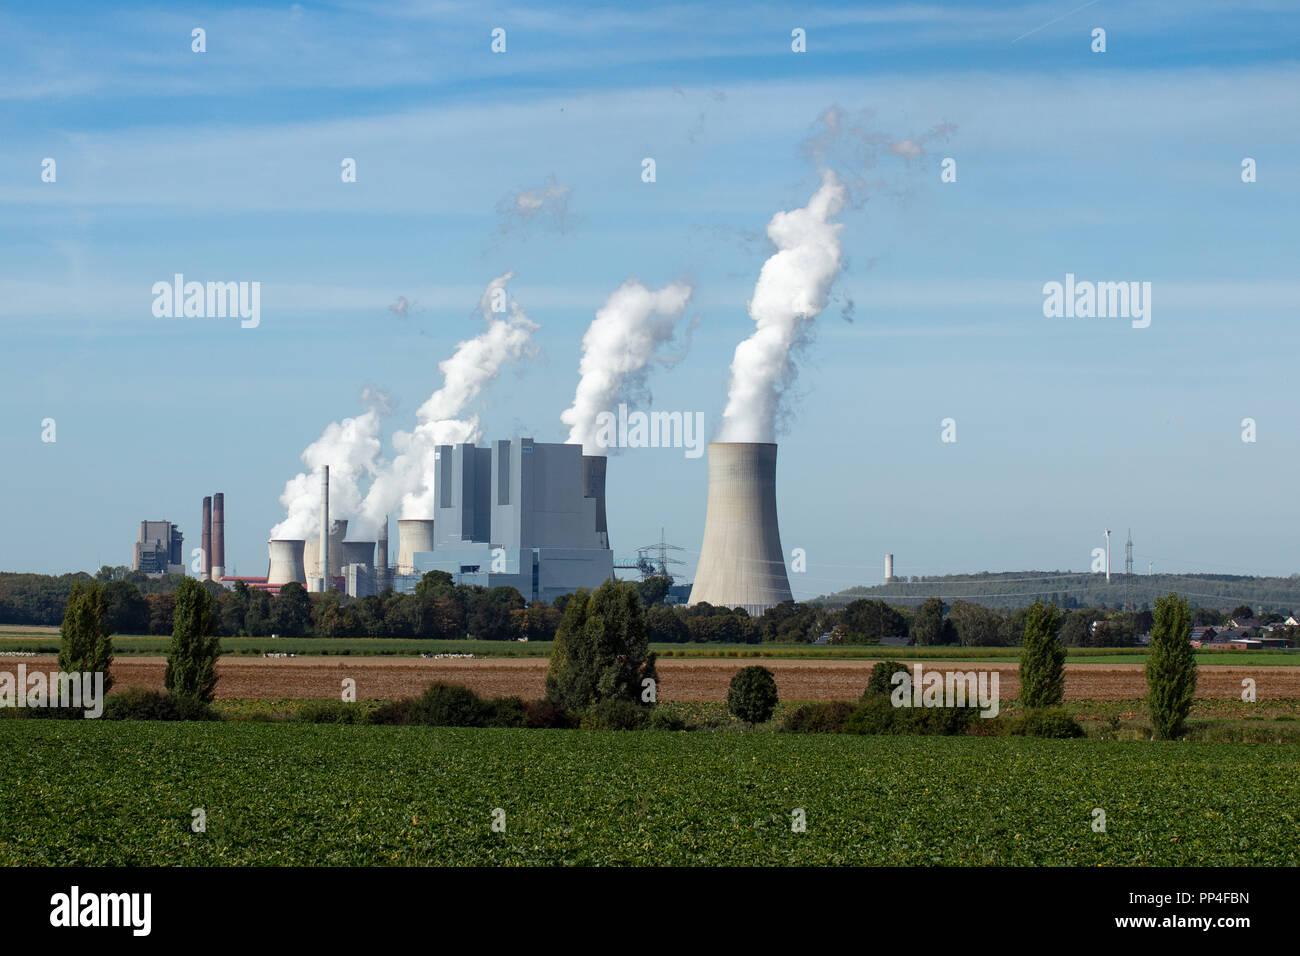 RWE Coal Power Station, RWE Kohlekraftwerk Stock Photo